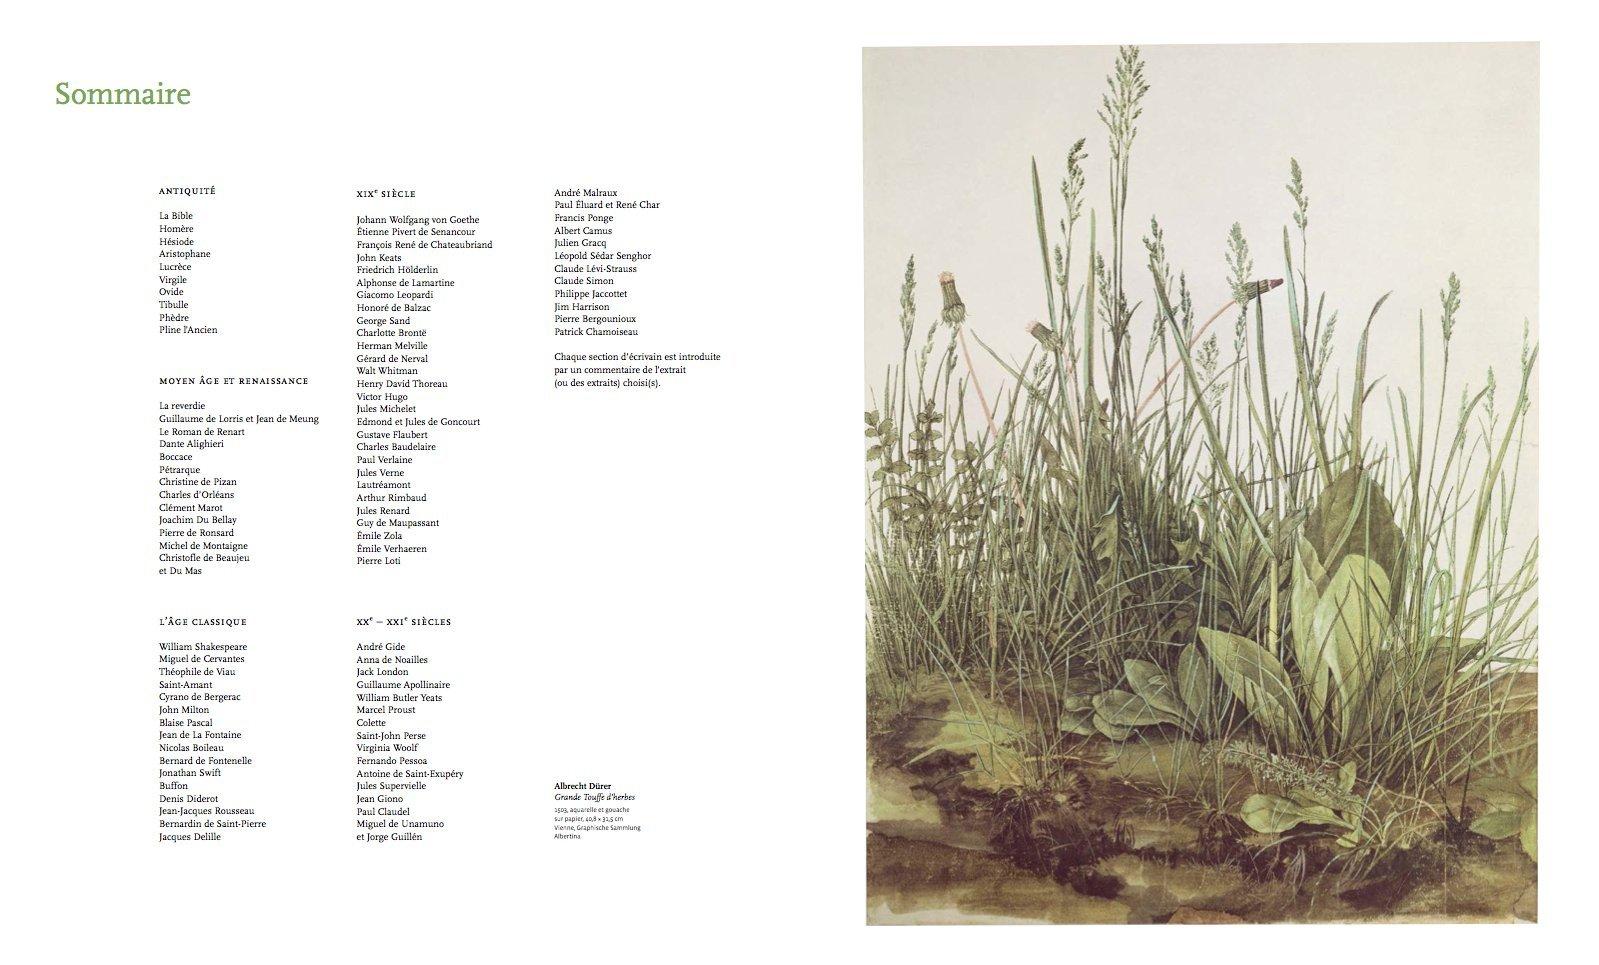 Tras la senda de Thoreau: libros, ensayos, documentales etc de vida salvaje y naturaleza. - Página 2 71g%2B%2ByZ024L